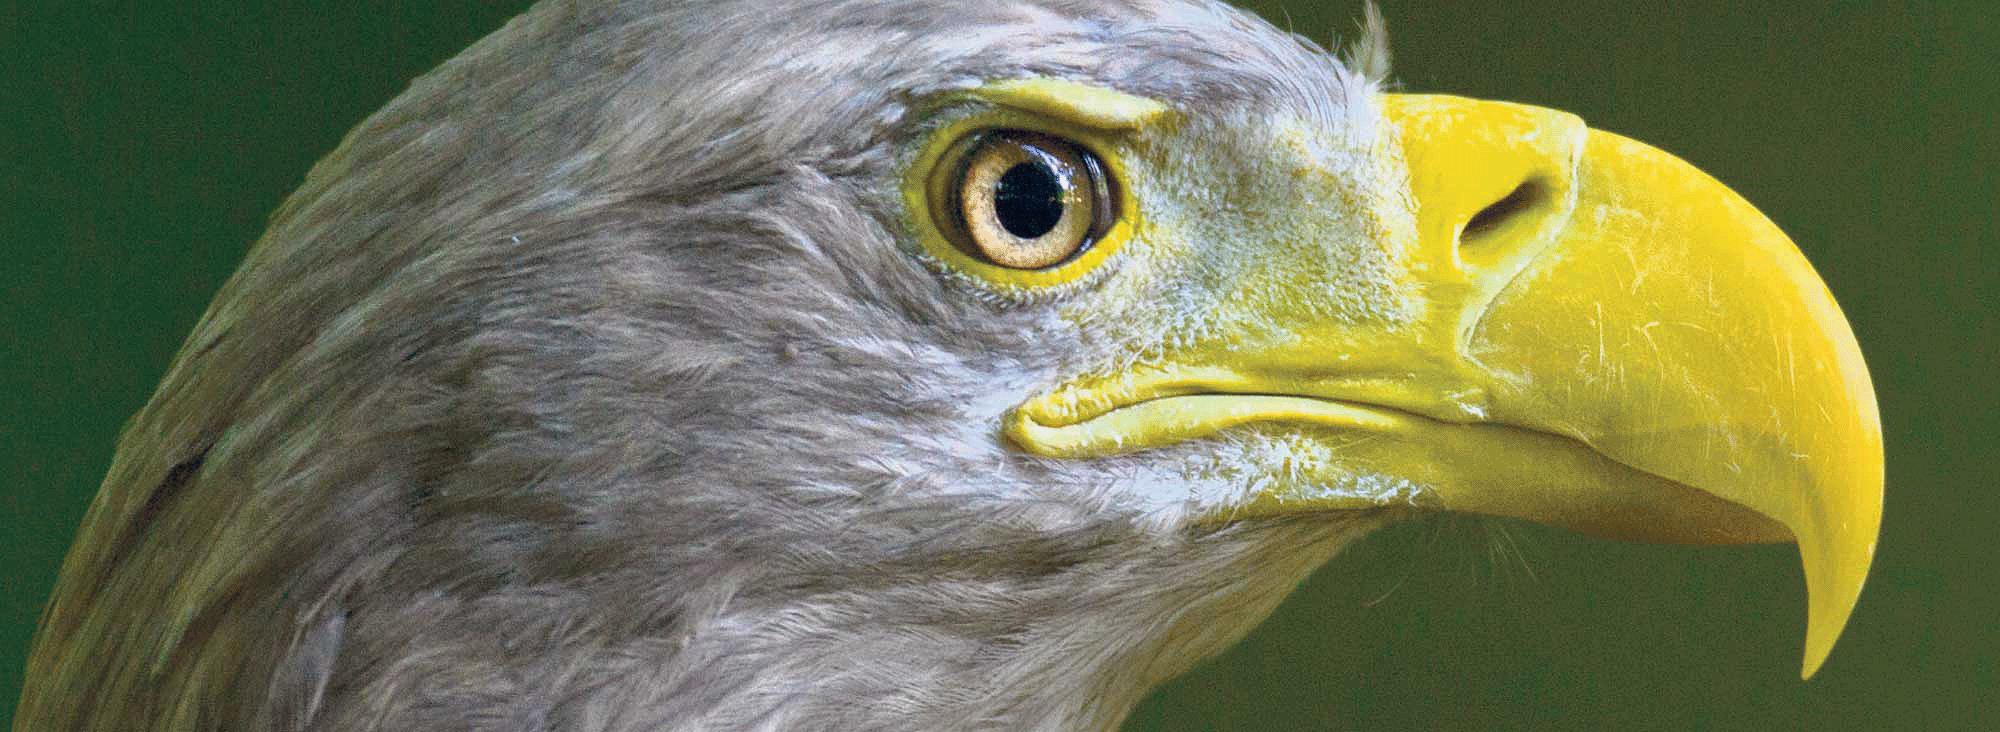 Aves cambio